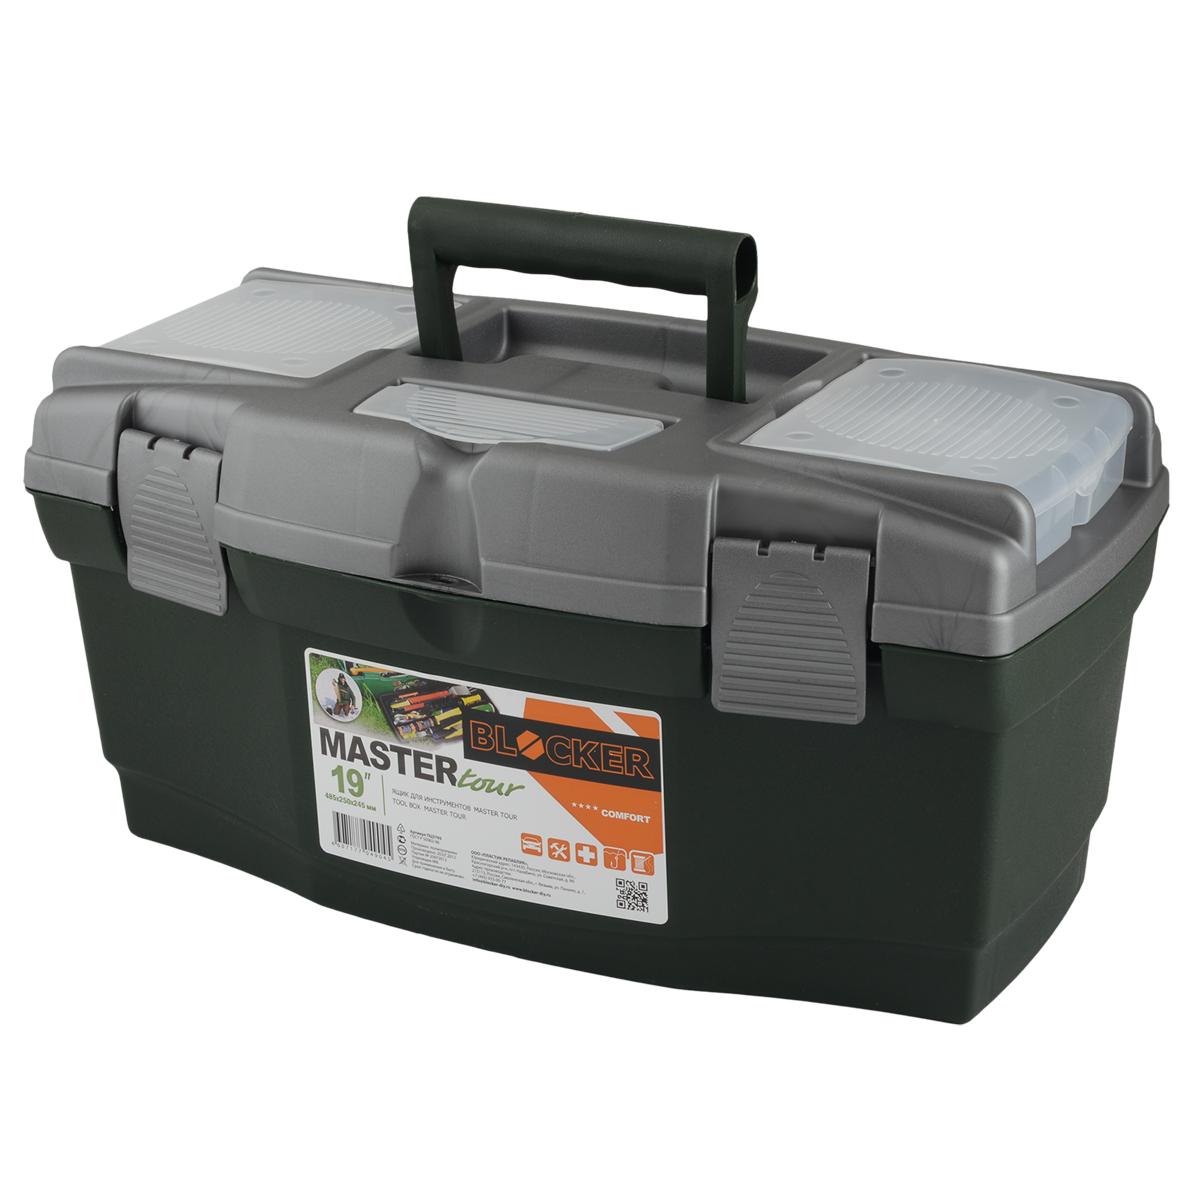 Ящик для инструментов Blocker Master Tour, цвет: темно-зеленый, 485 х 250 х 245 мм98295719Многофункциональный ящик Blocker Master Tour отлично подходит для хранения небольших рыболовных и охотничьих принадлежностей, может быть использован для переноски мангала, посуды и многих вещей, которые могут понадобиться на отдыхе или в путешествии. Ящик имеет надежные замки и встроенные органайзеры в крышке для размещения мелких деталей.